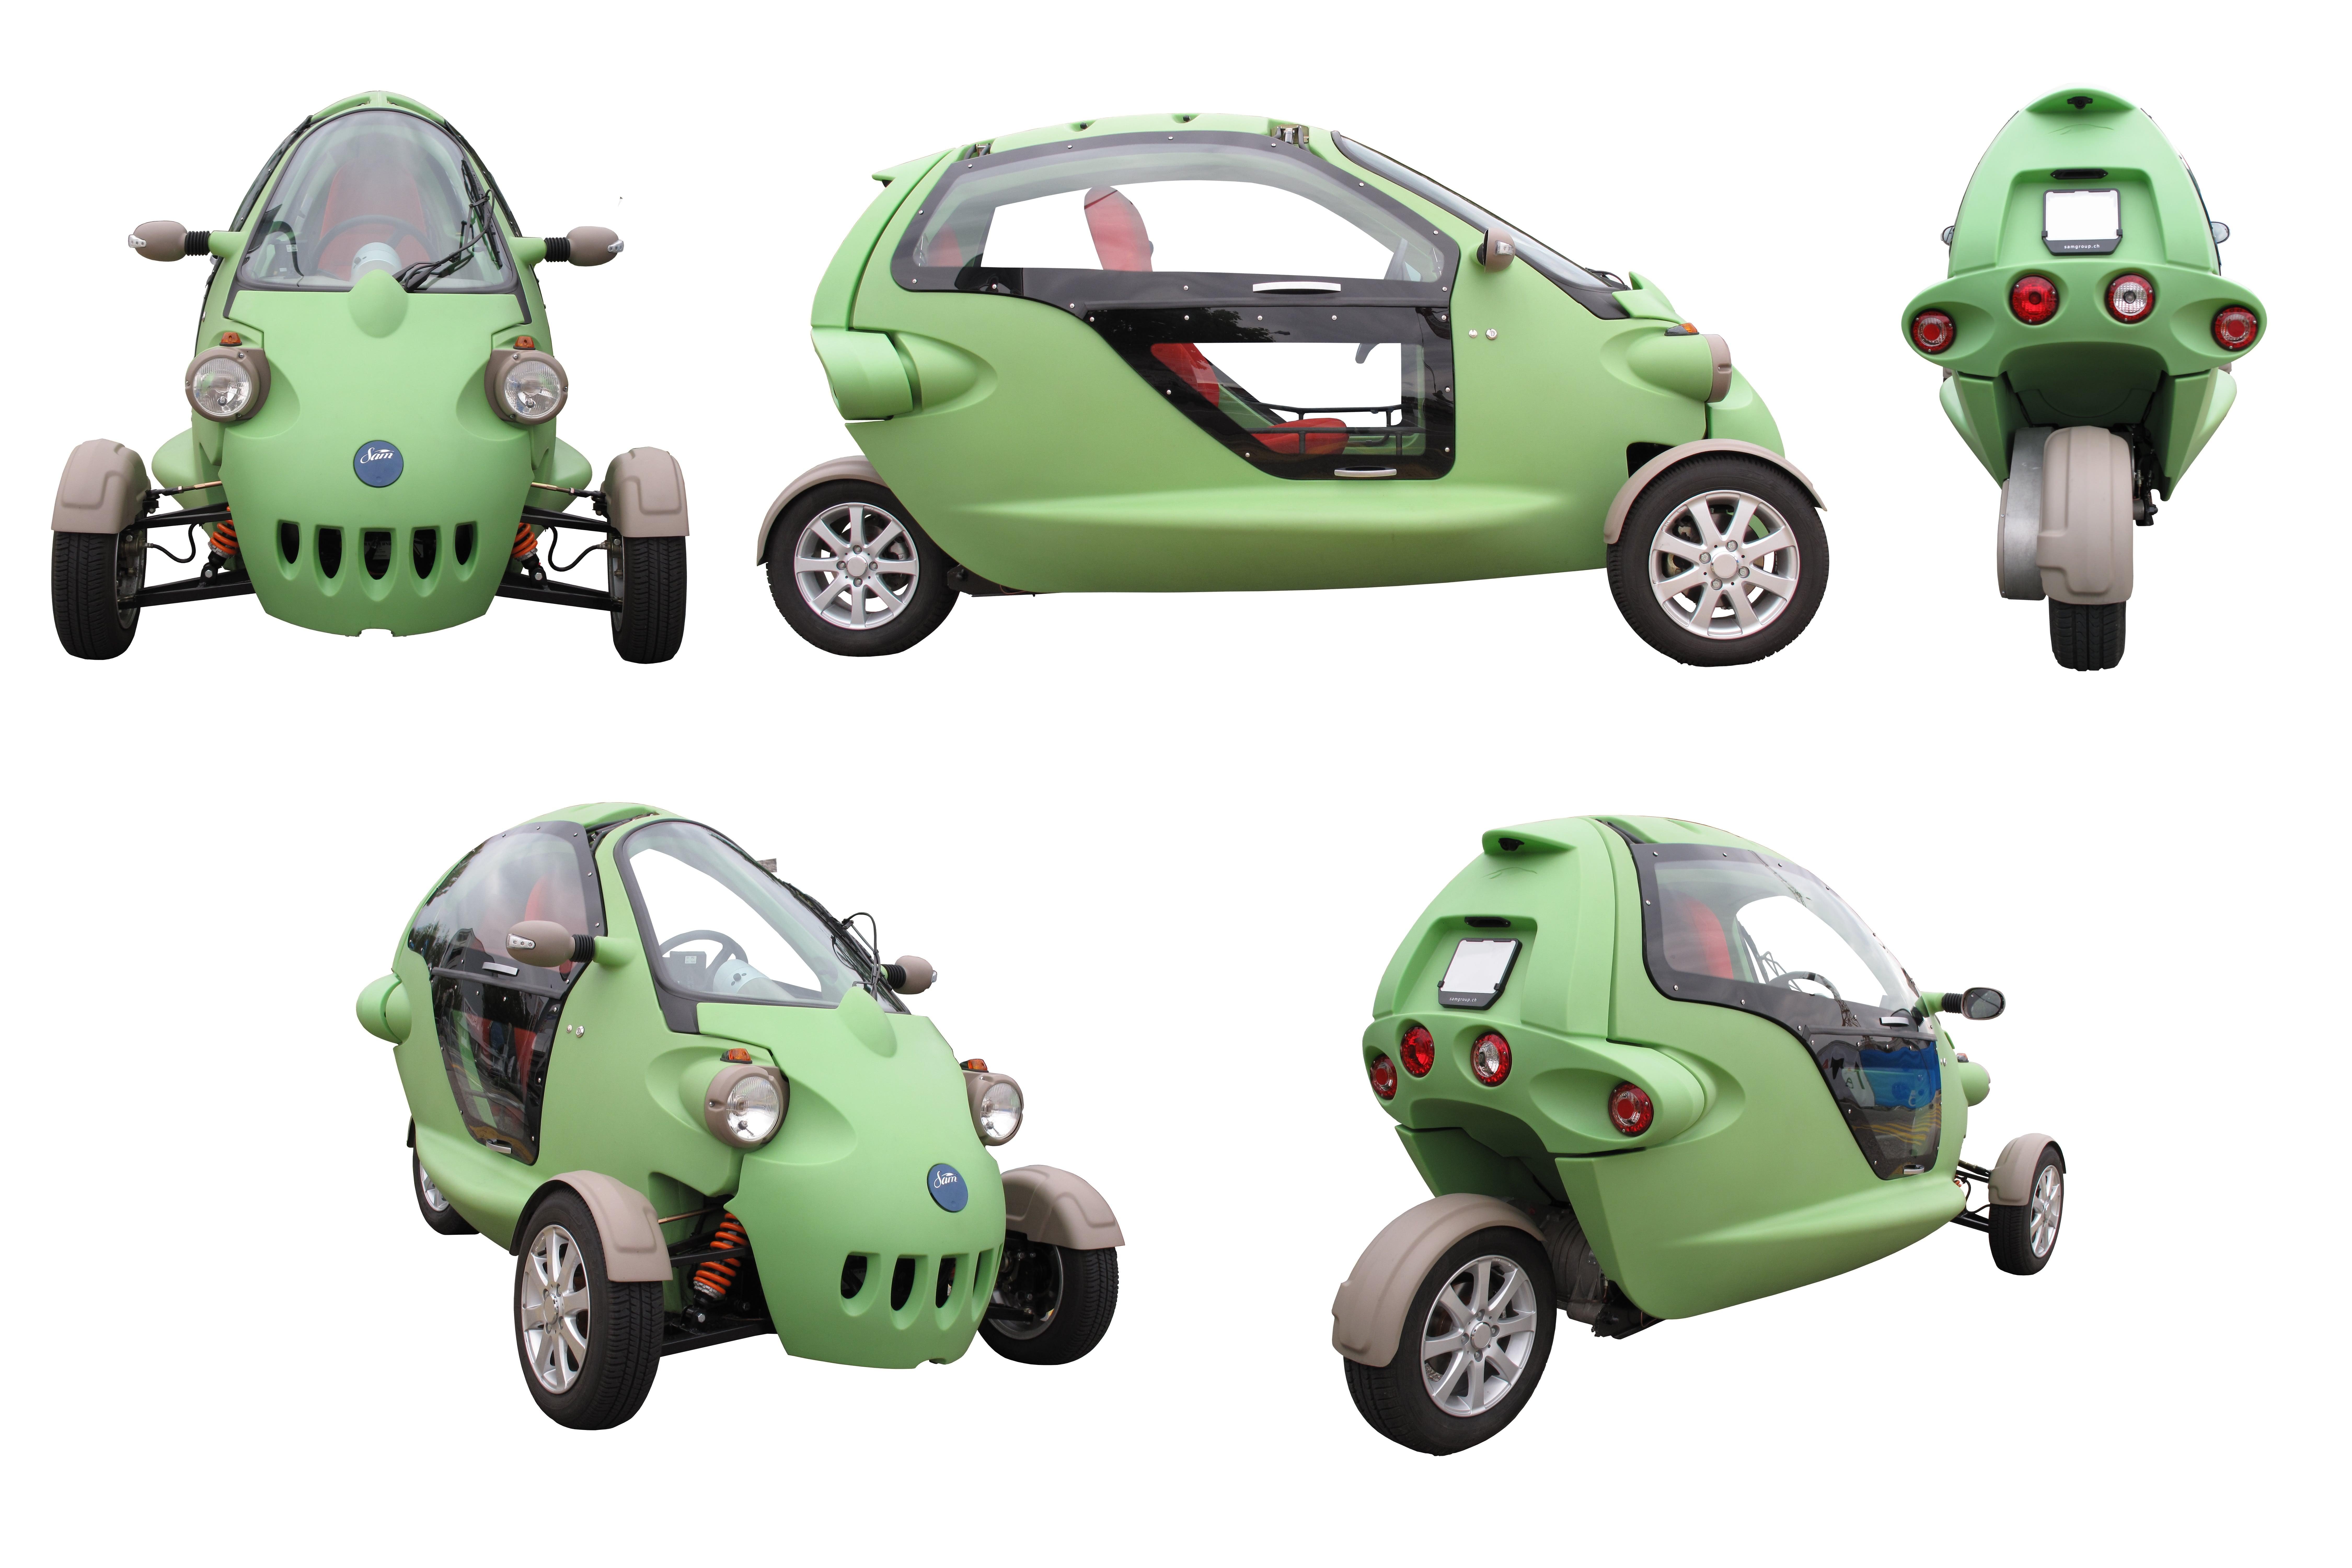 Bajaj 3 wheeler auto price in bangalore dating 10